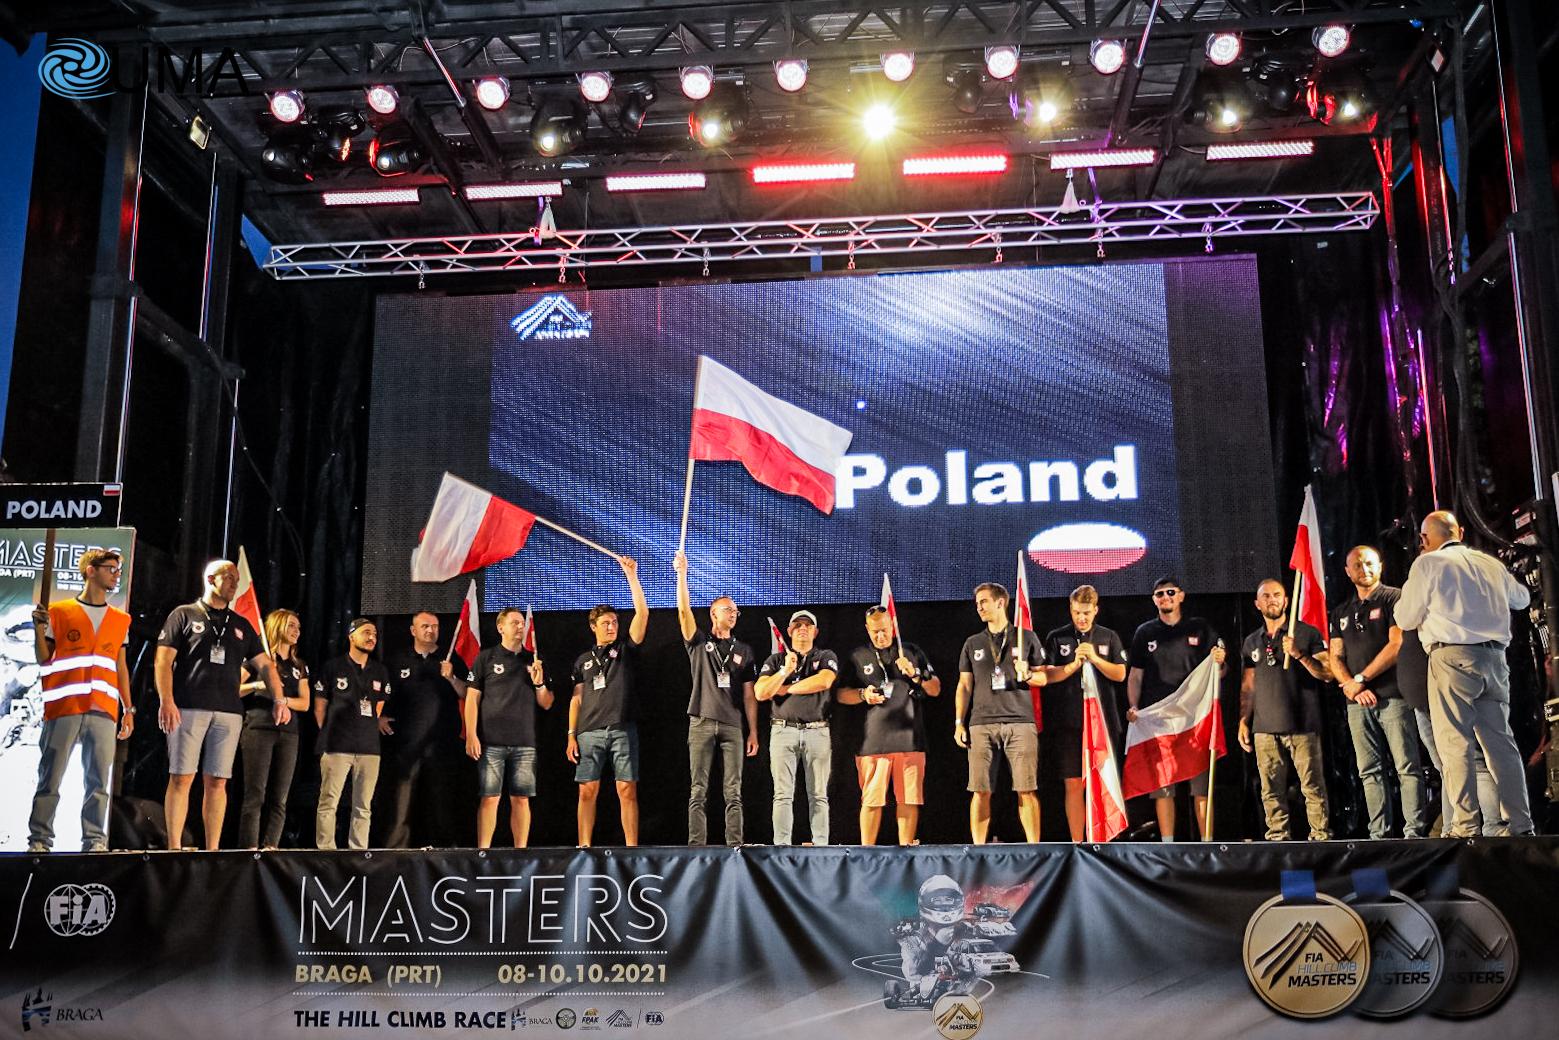 FIA Hill Climb Masters 2021: Polacy wysoko w dziennikarskich rankingach - Zdjęcie główne